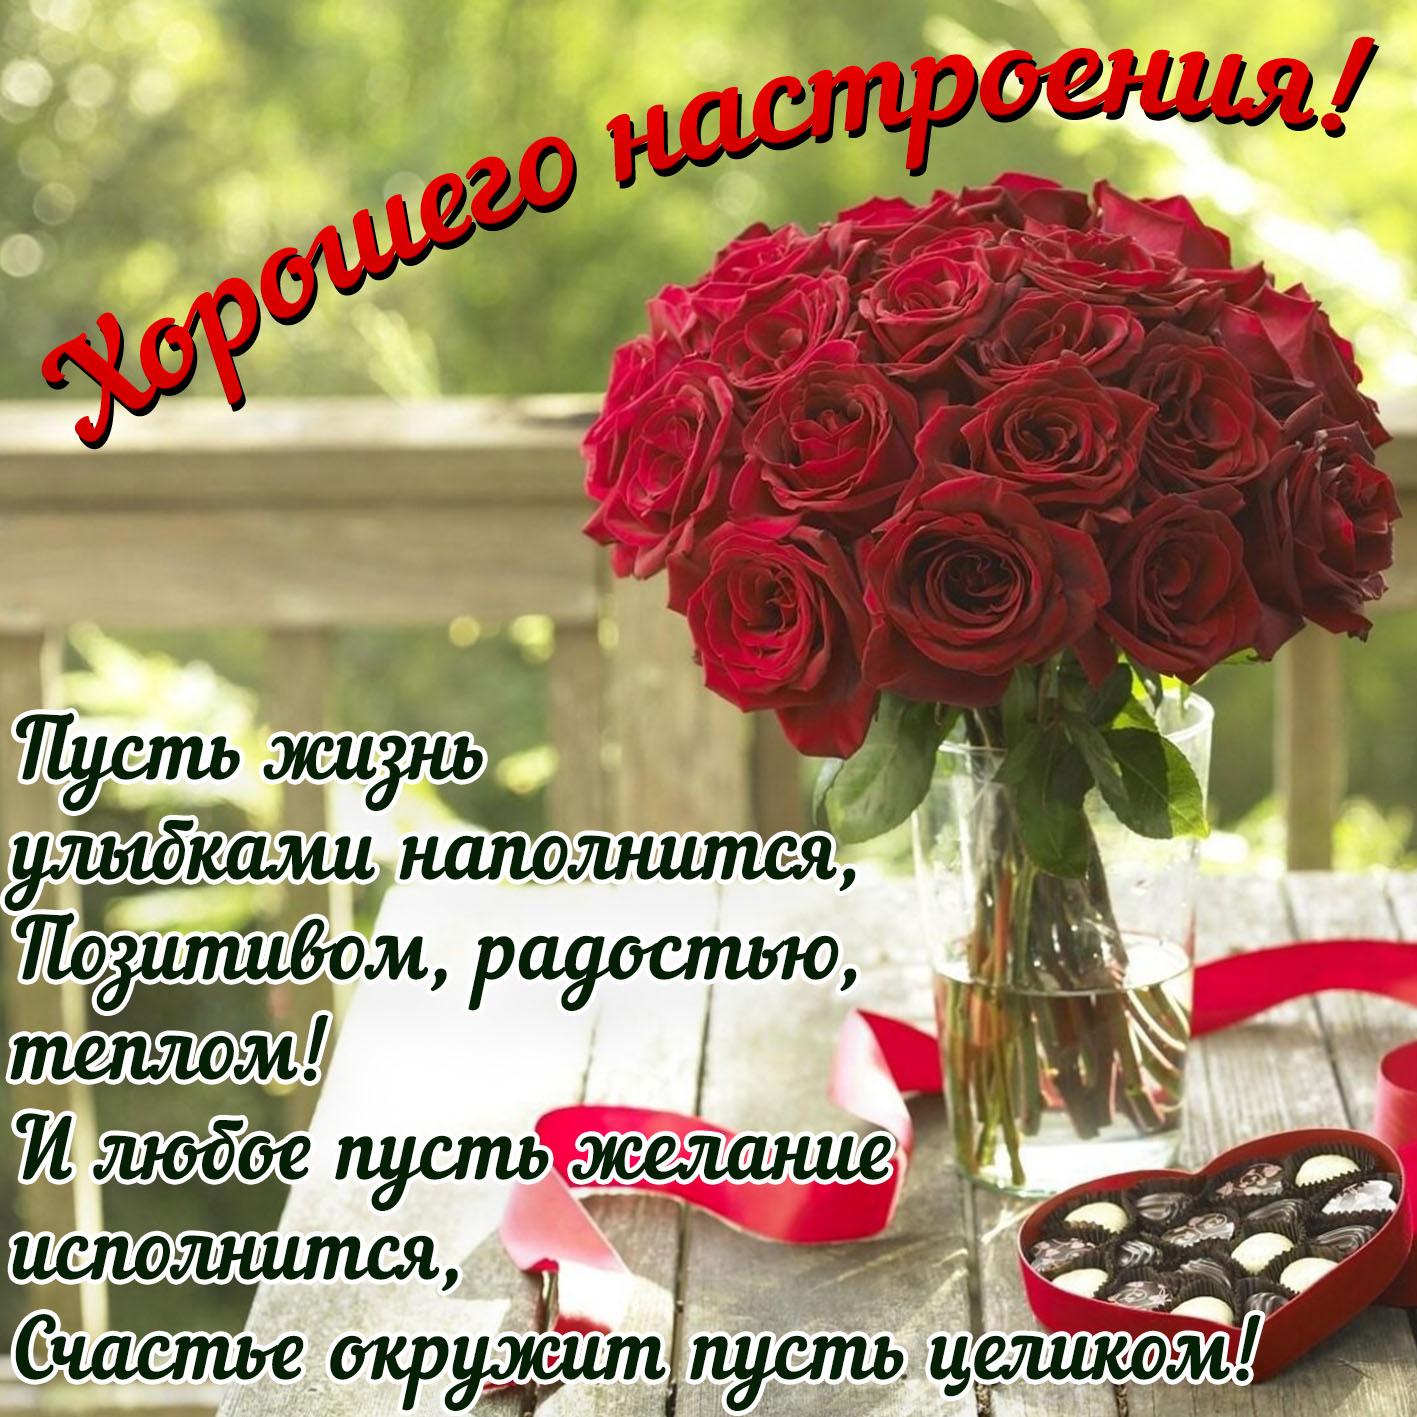 Красивый букет красных роз и пожелание хорошего настроения